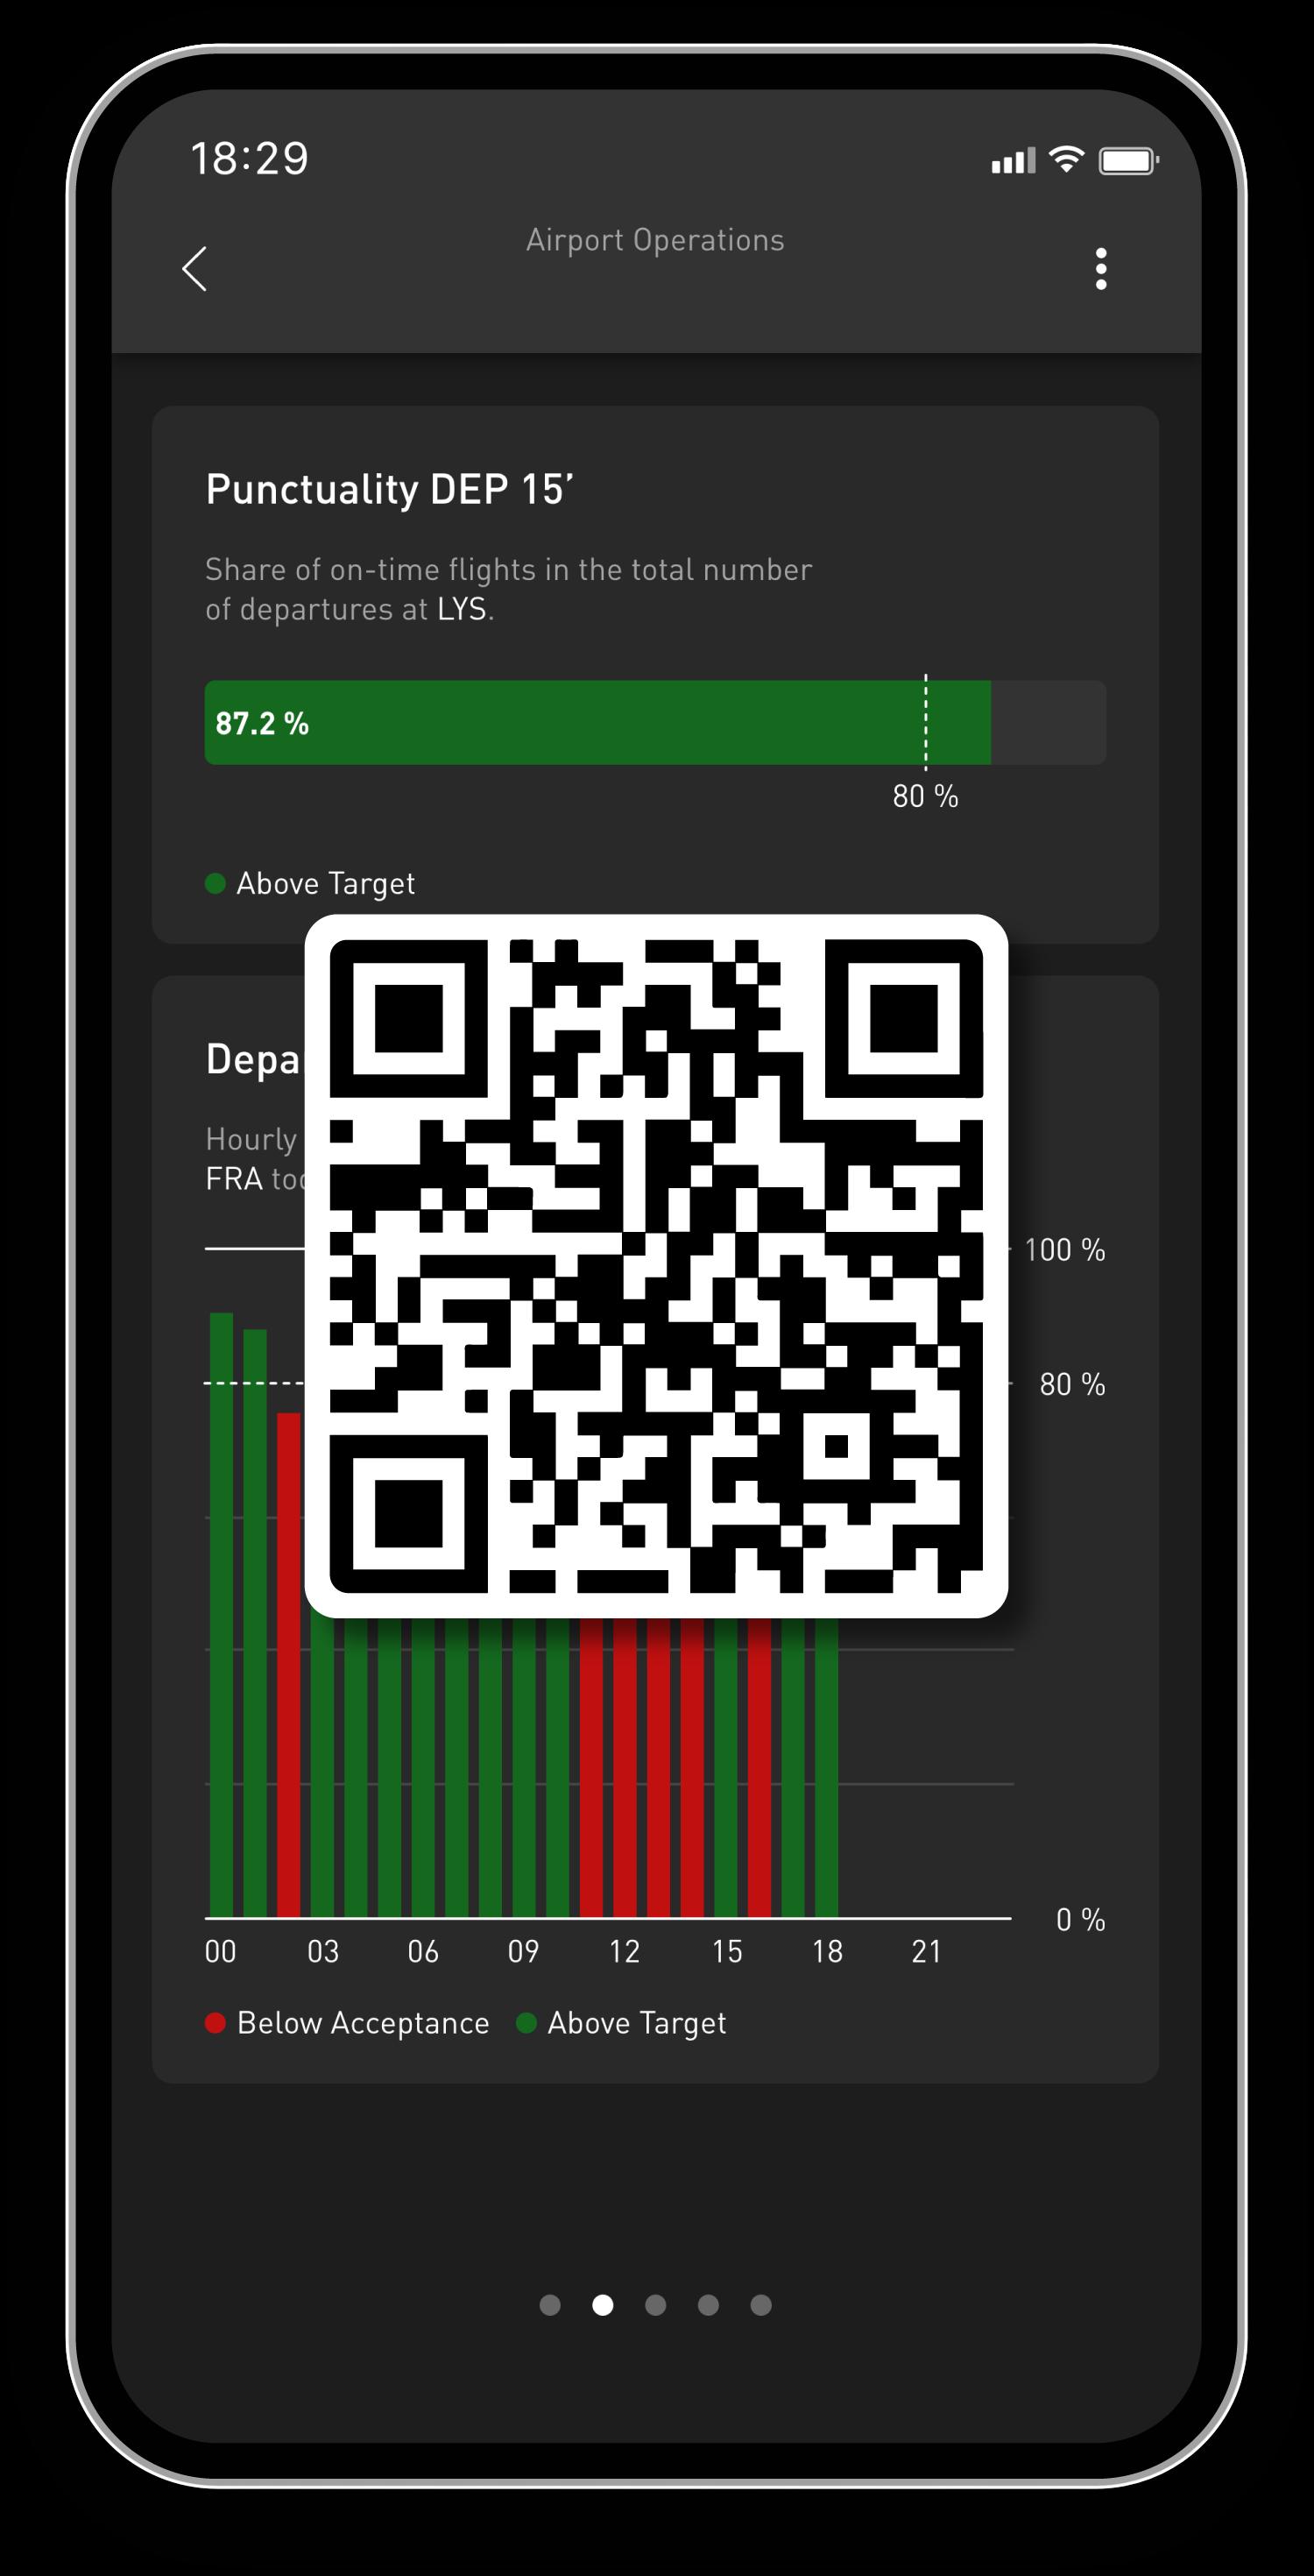 //test.id1.de/wp-content/uploads/2021/10/QR.png